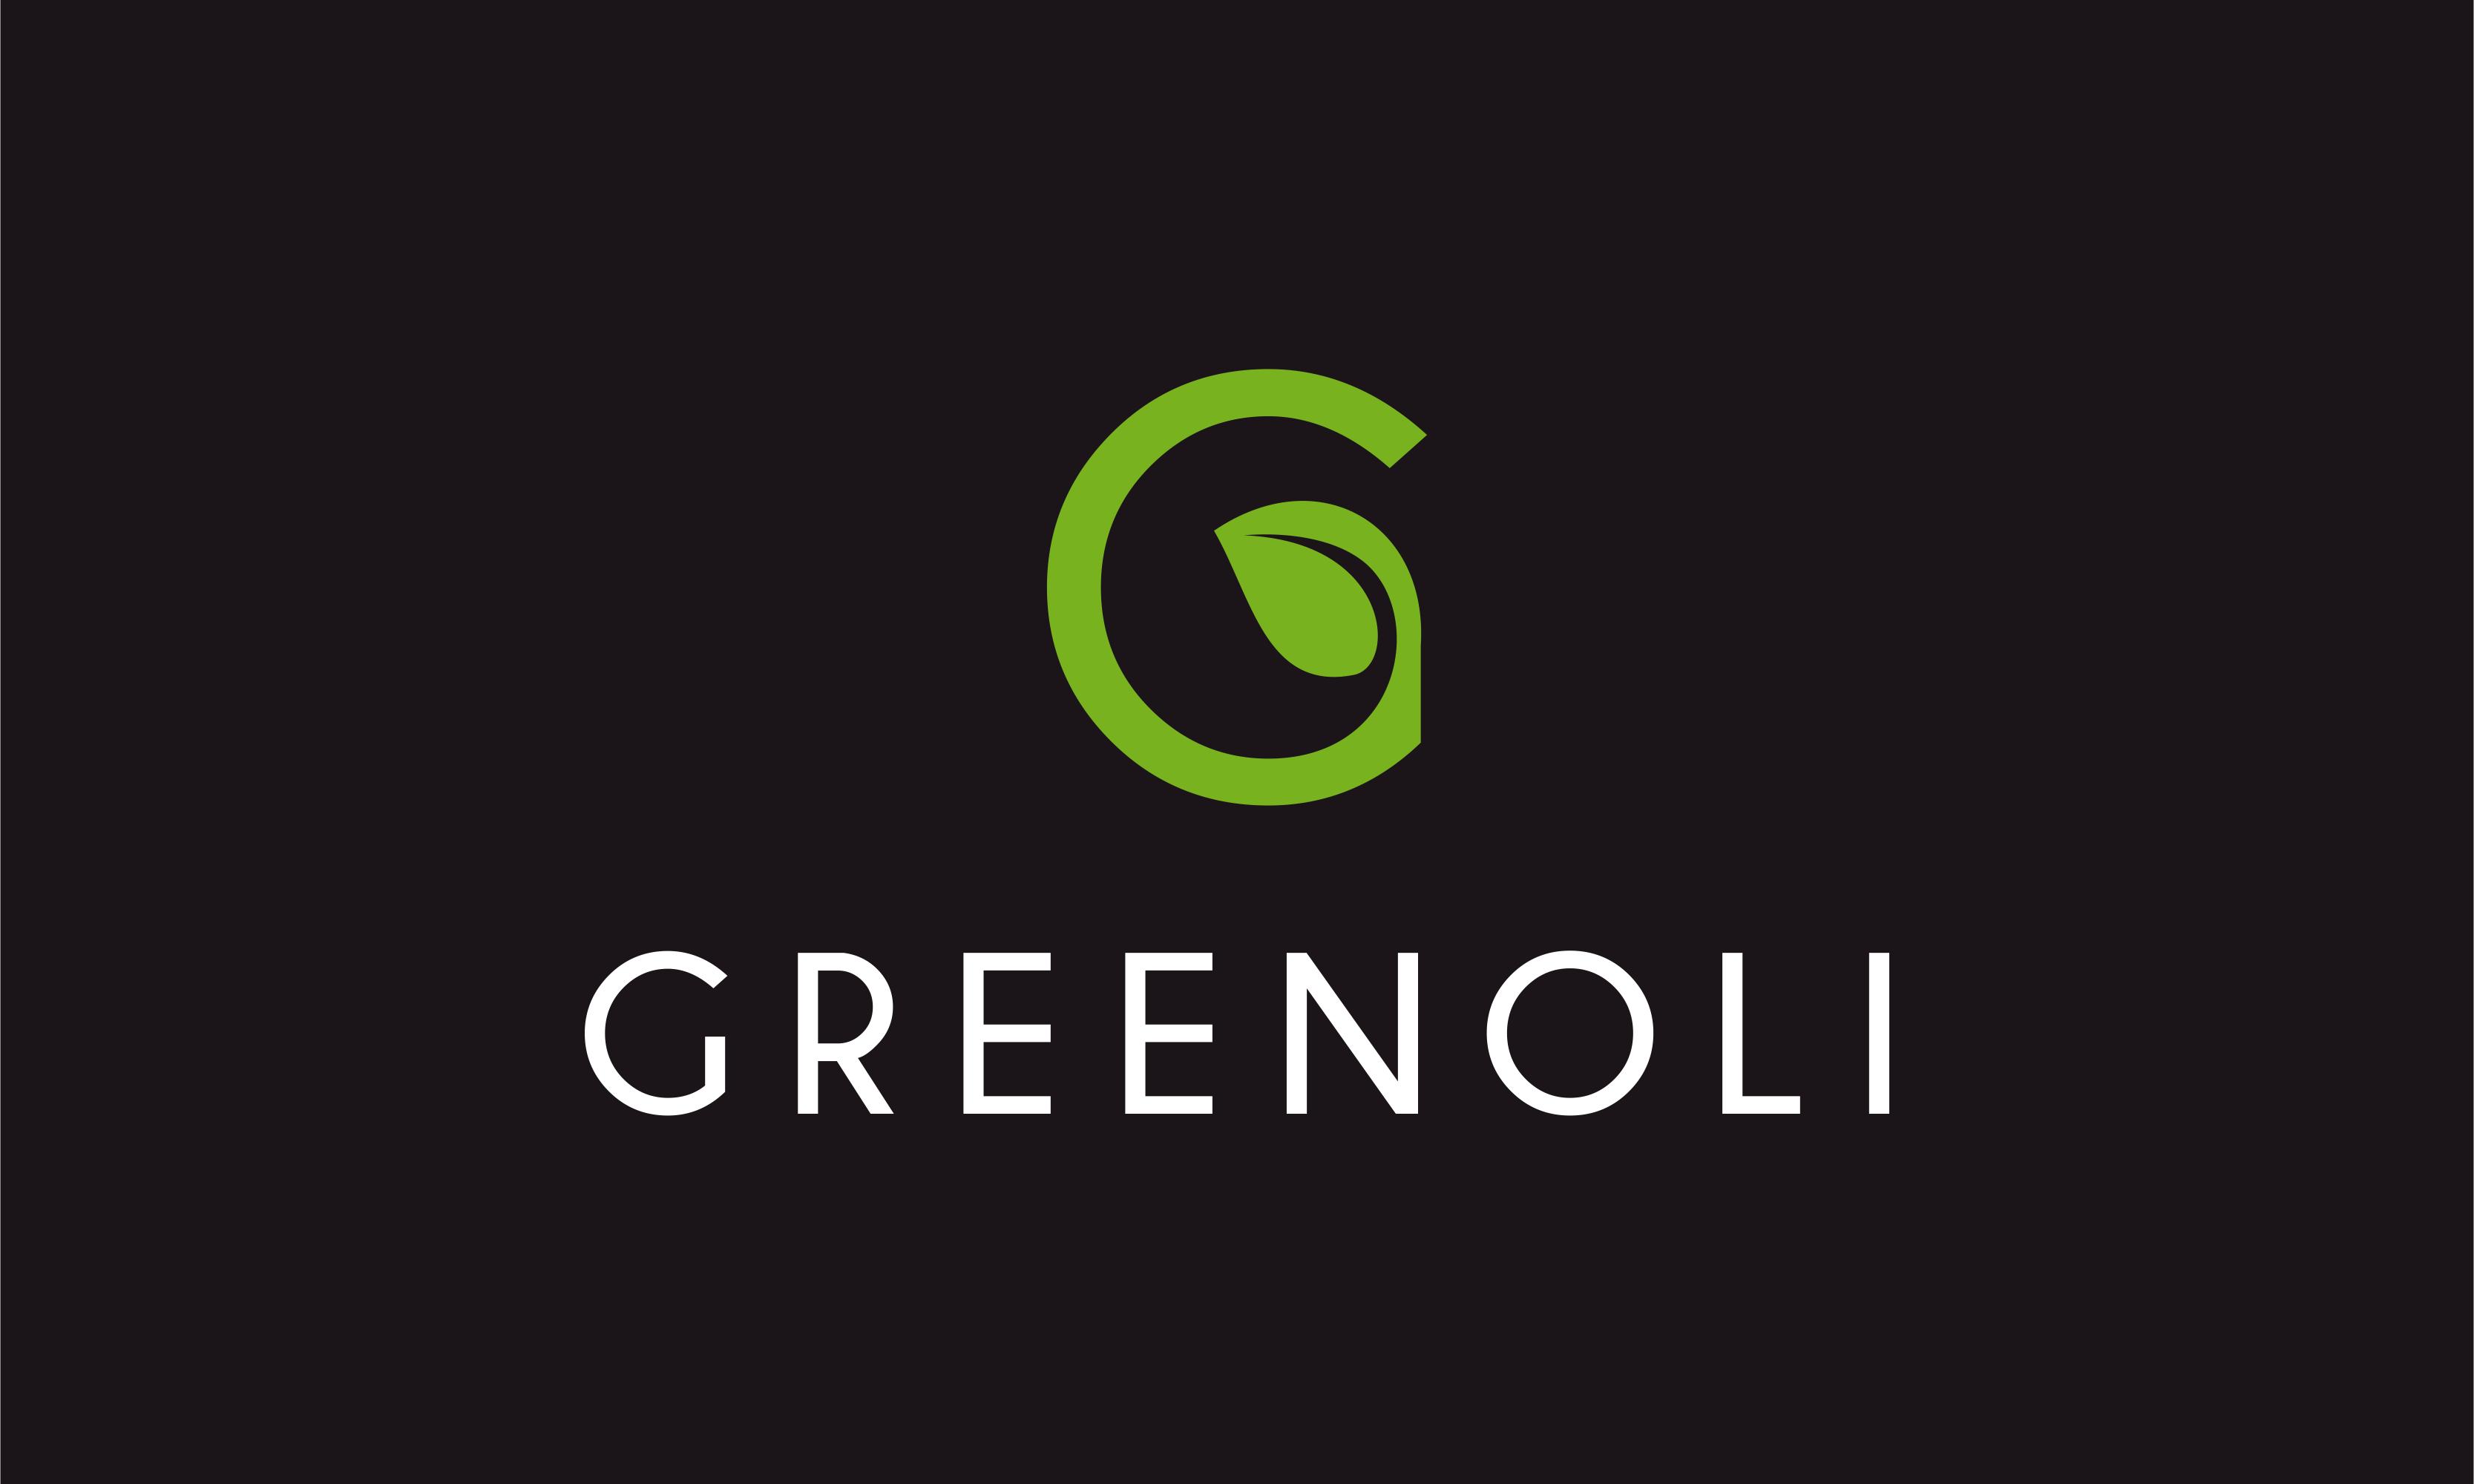 Greenoli